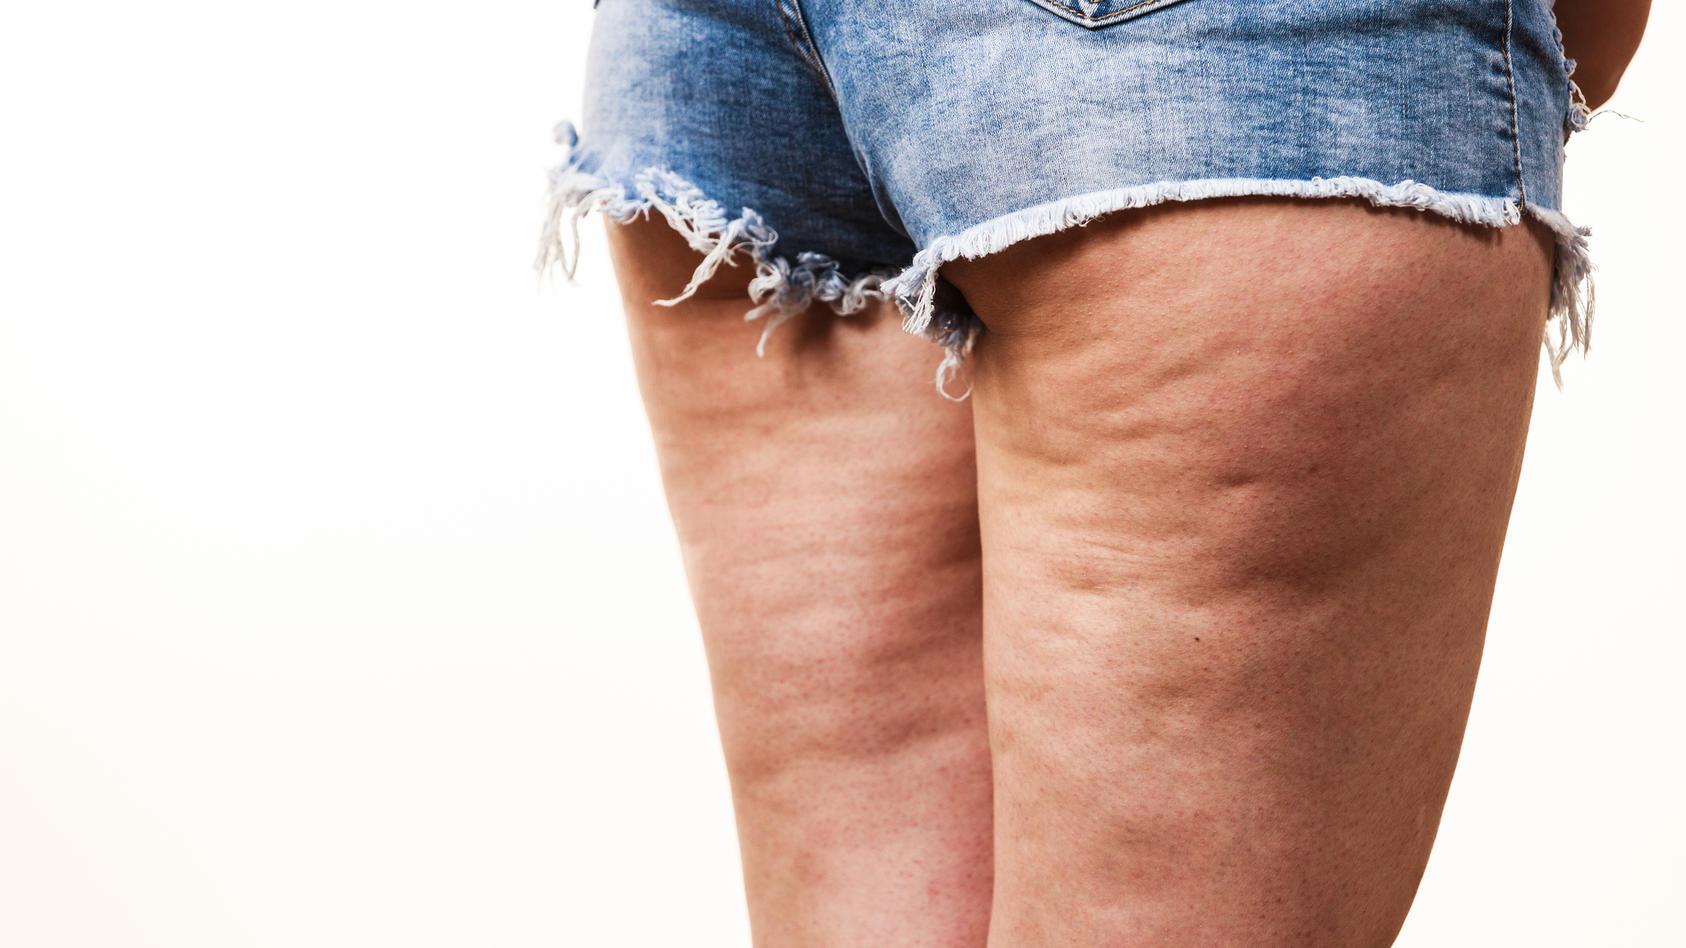 Schlaffe Haut, Cellulite und Dellen, die man am liebsten verstecken möchte: Eine Bindegewebsschwäche ist wohl jeder Frau unangenehm.